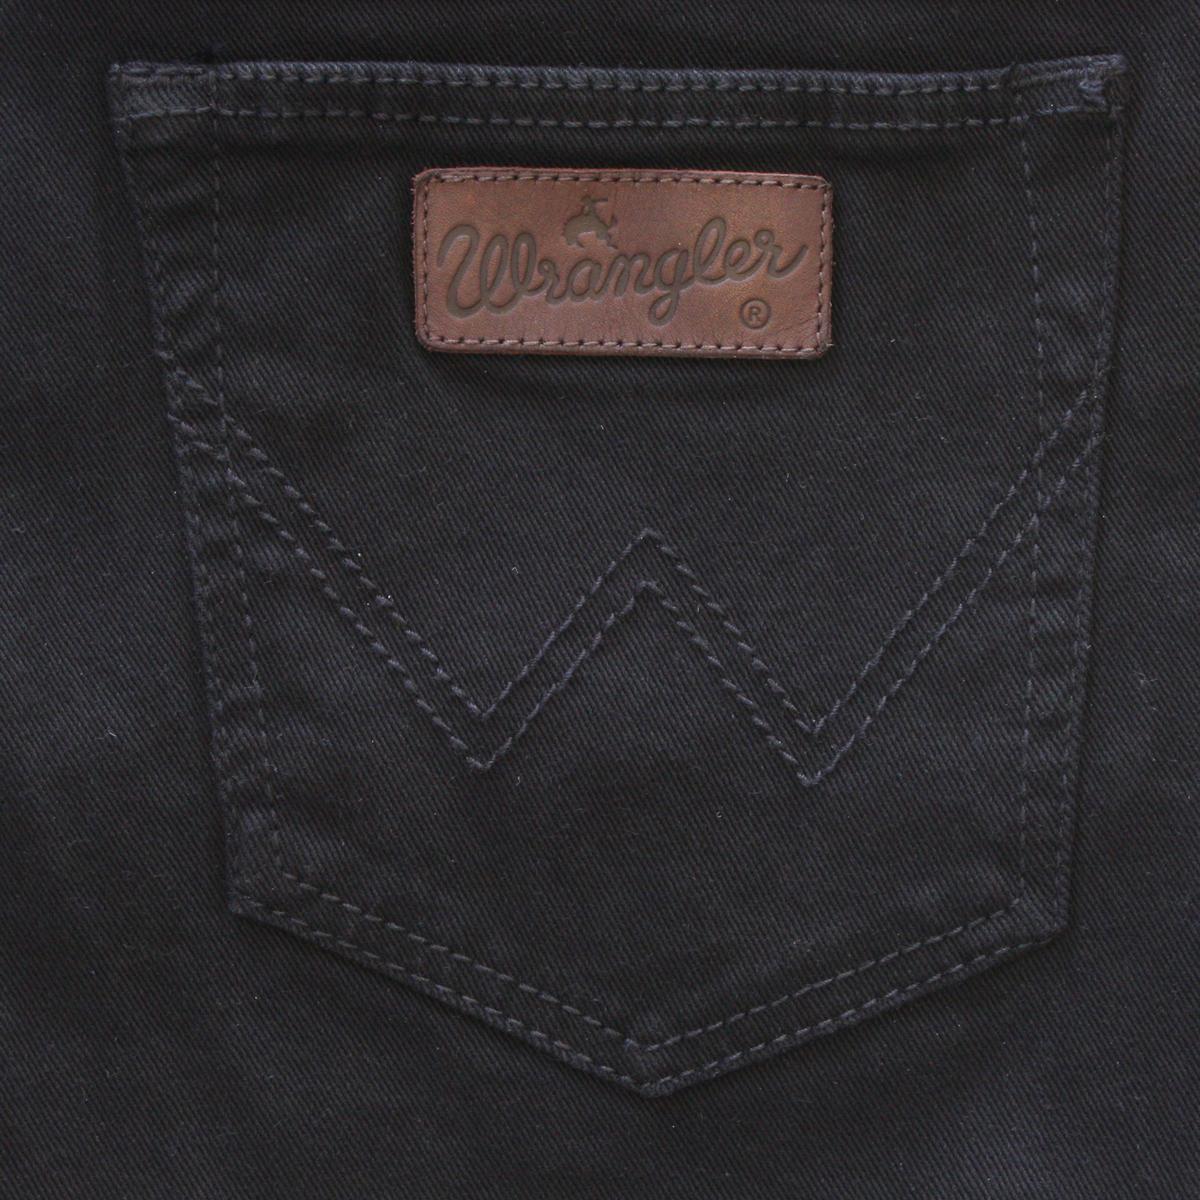 Wrangler stretch jeans regular fit black overdye